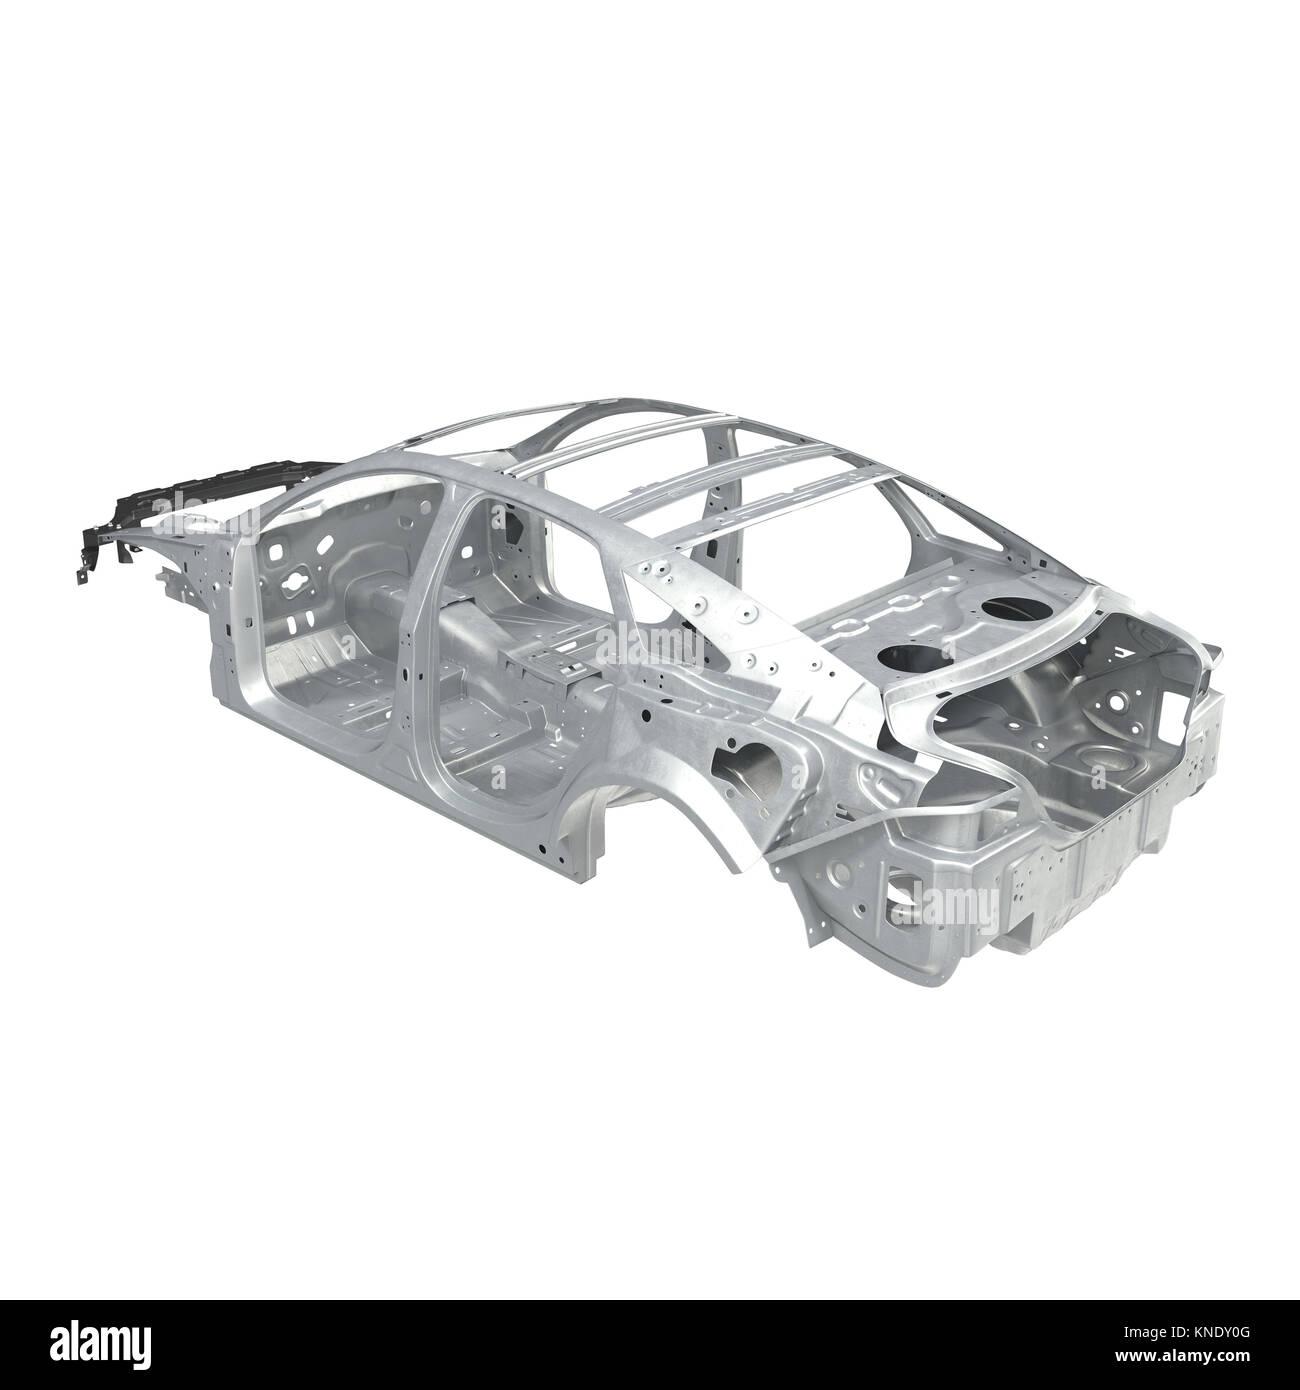 Auto Rahmen ohne Fahrgestell auf Weiß. Winkel aus. 3D-Darstellung ...